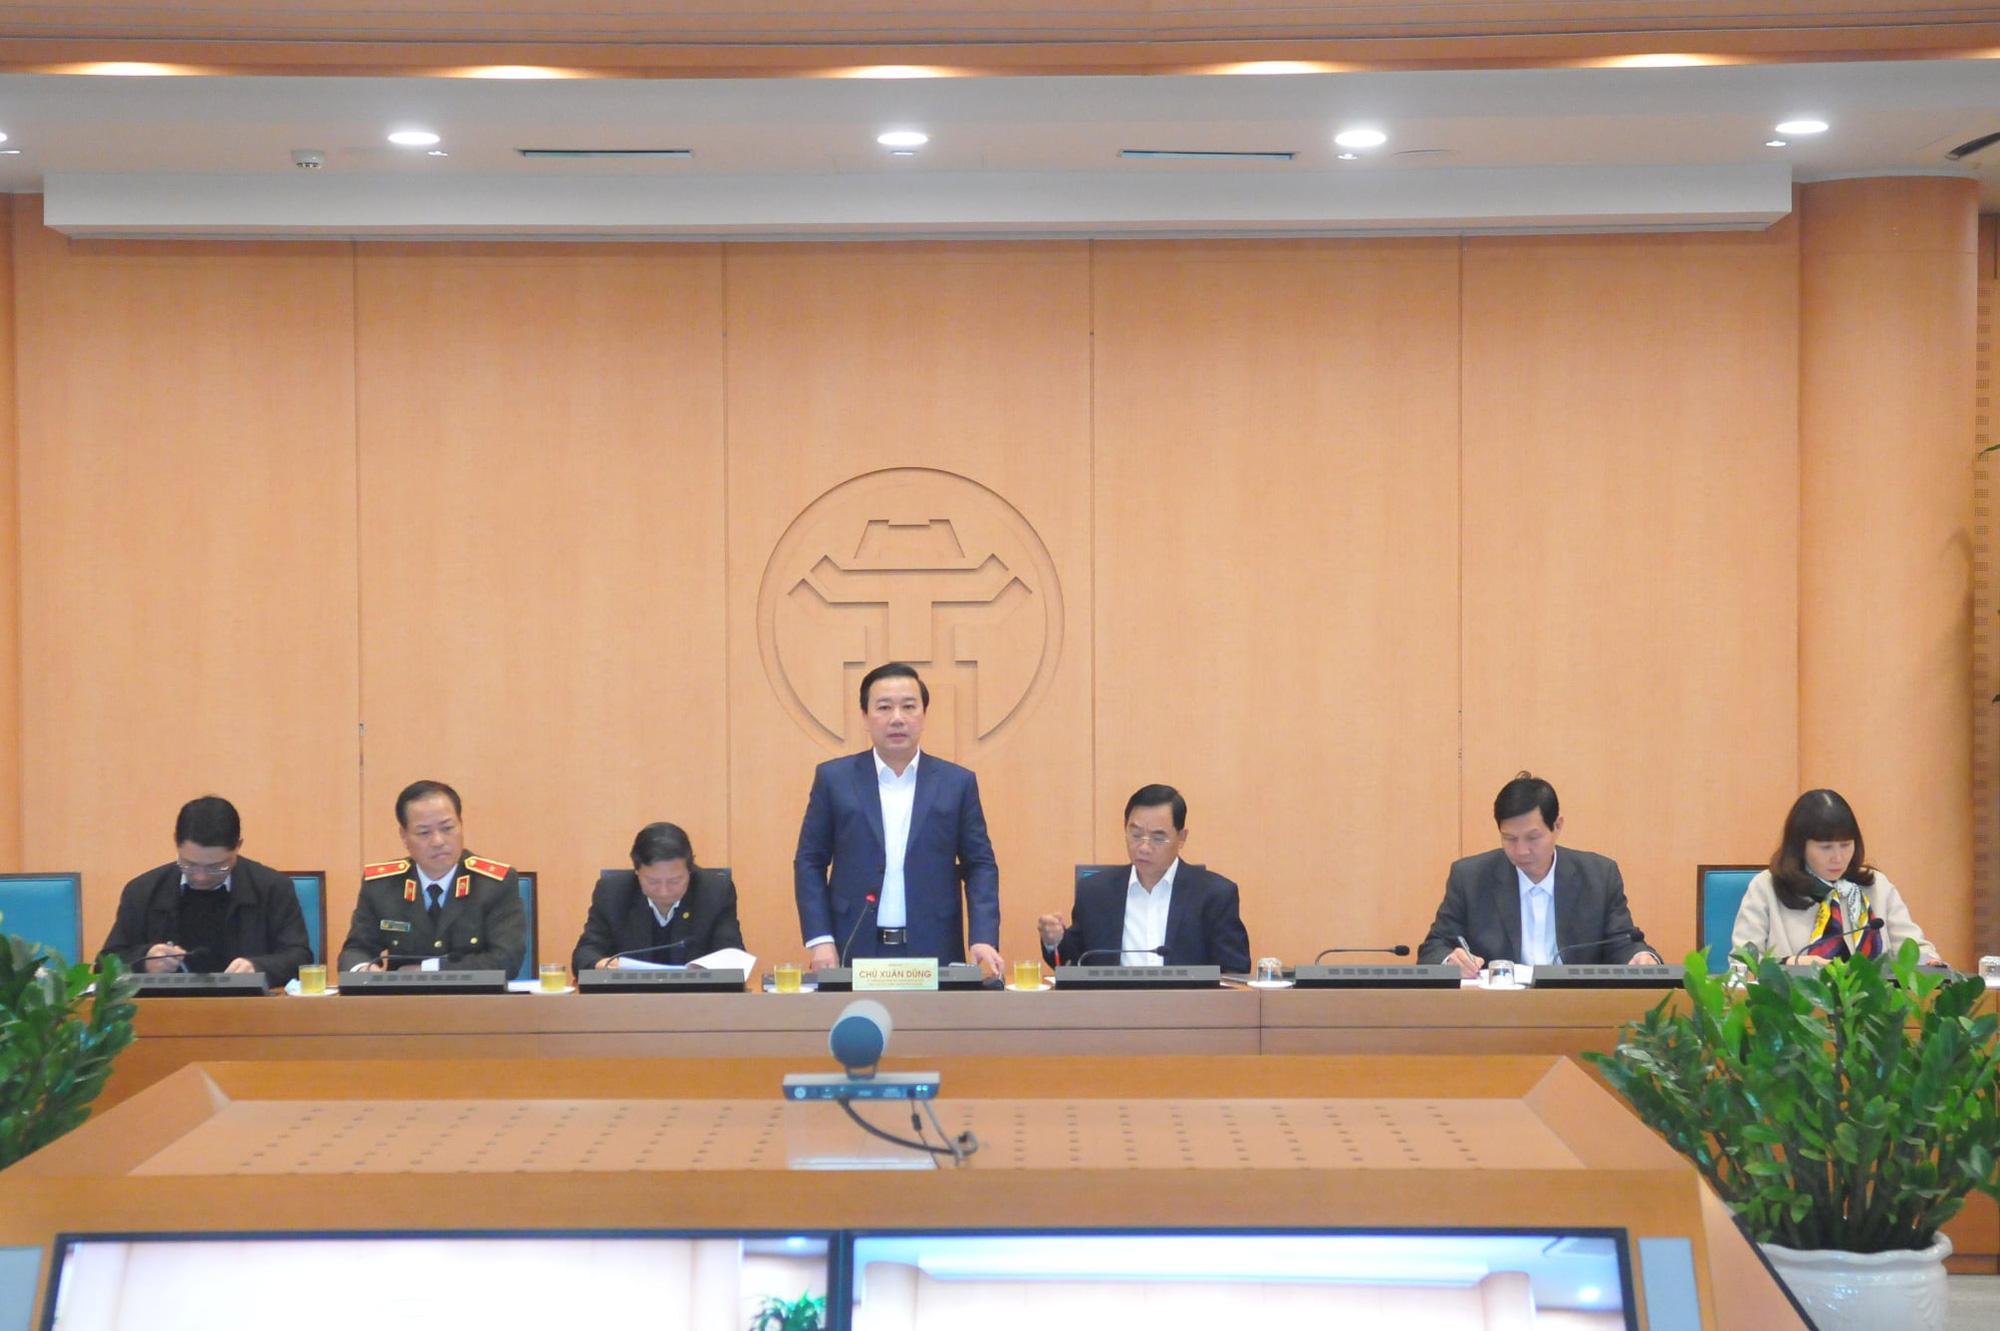 Đại hội XIII của Đảng: Hà Nội lấy mẫu xét nghiệm Covid-19 cho các đại biểu - Ảnh 1.